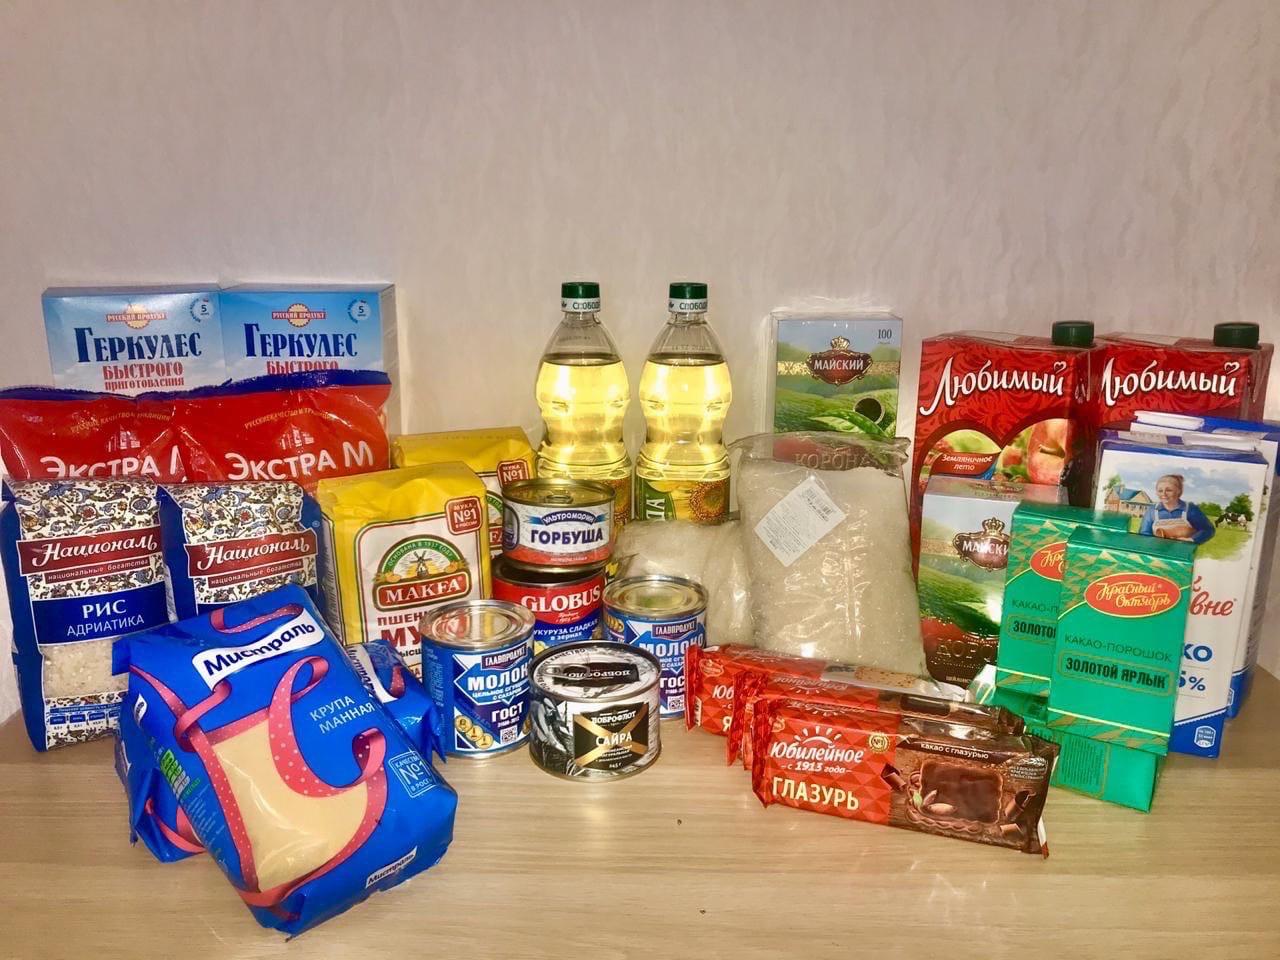 Продуктовые наборы будут выдавать некоторым костромским детям на время дистанционного обучения